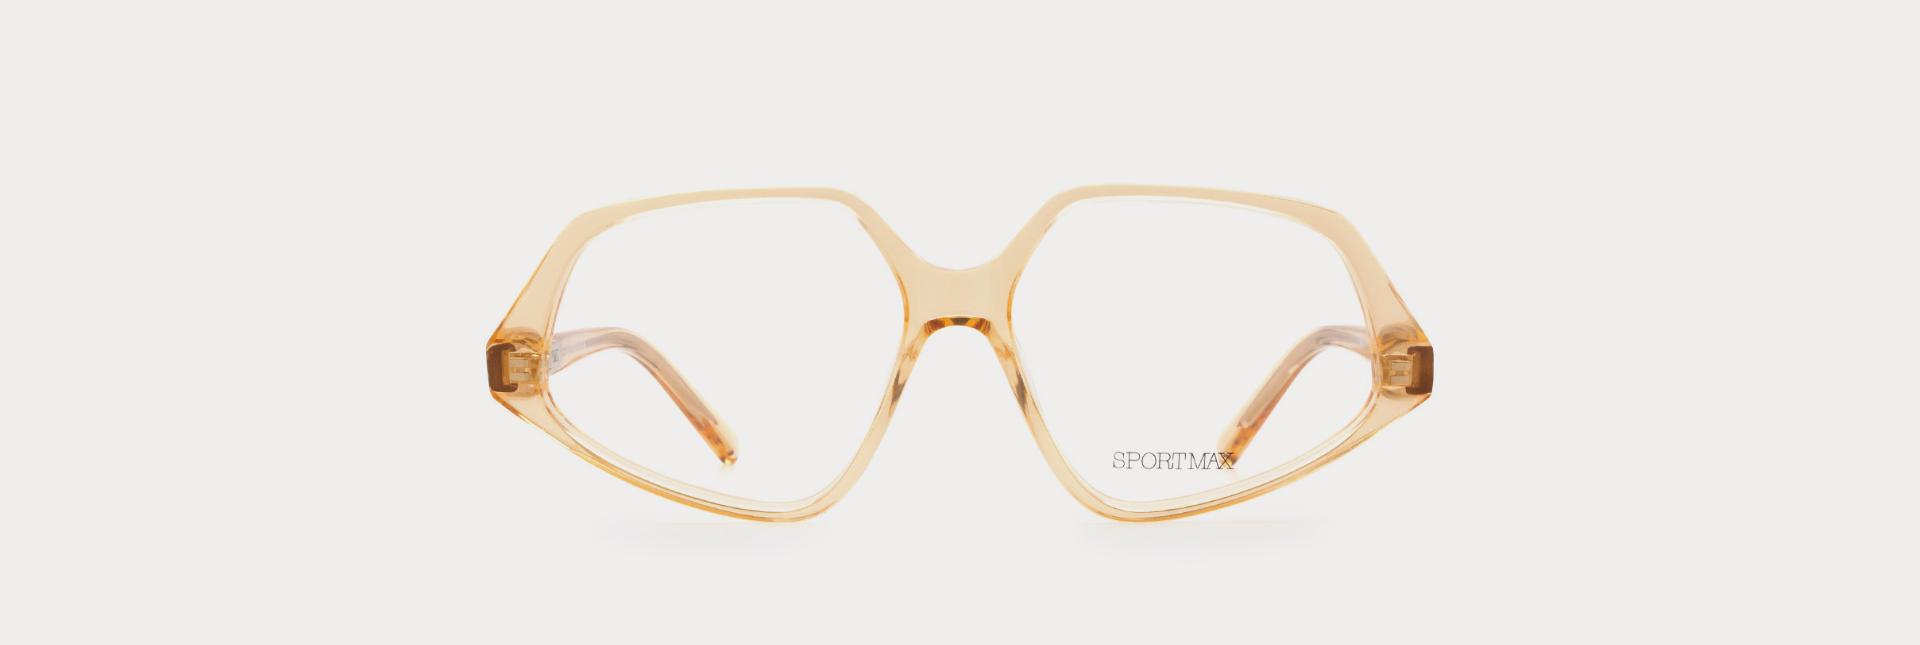 Sportmax® Eyeglasses